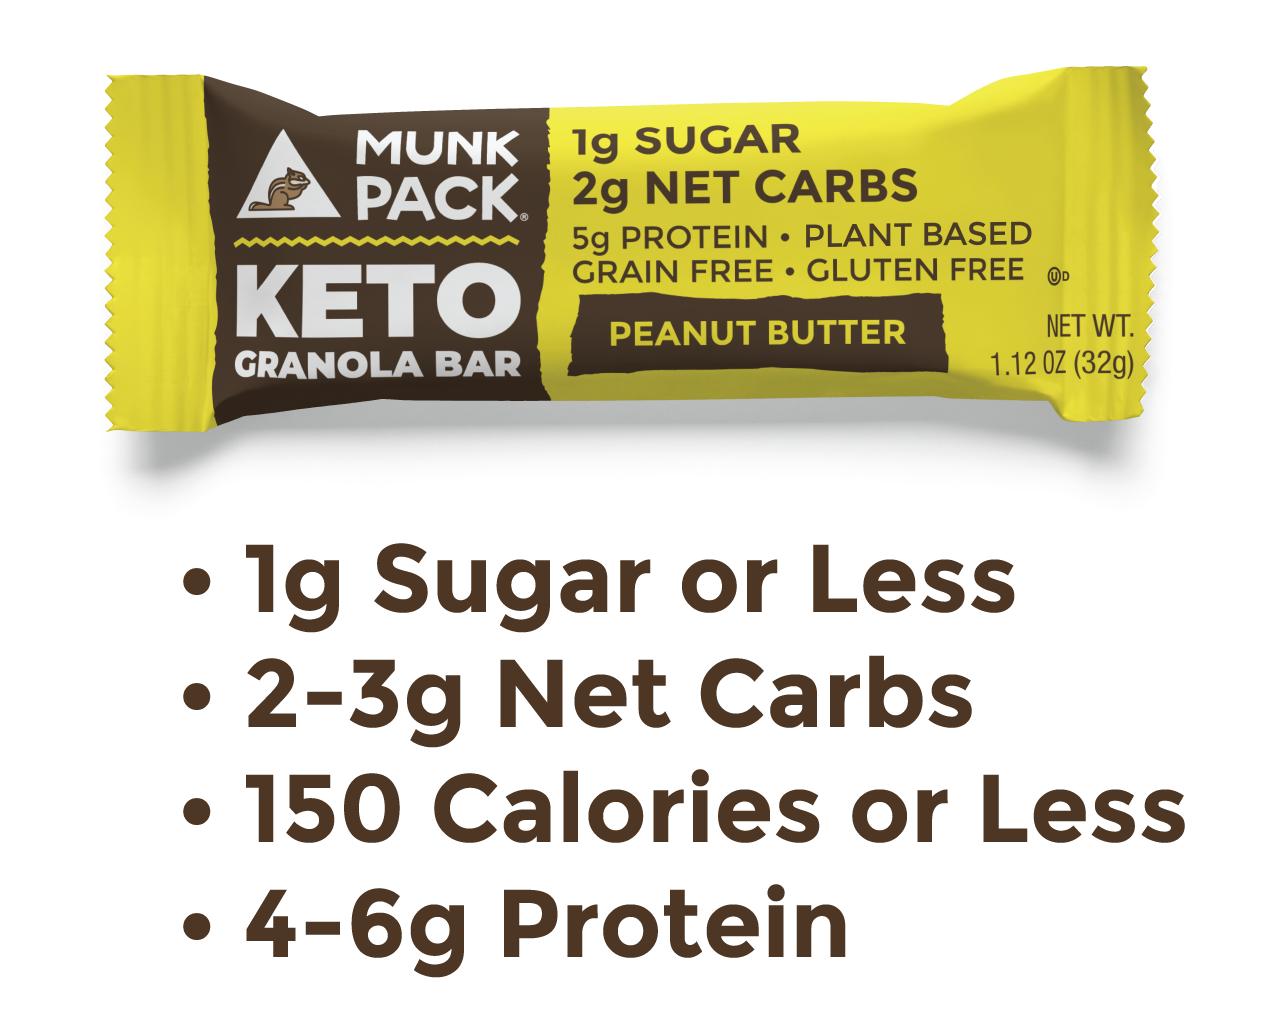 Keto Granola Bar | 1g Sugar or Less, 2-3g Net Carbs, 150 Calories or Less, 4-6g Protein